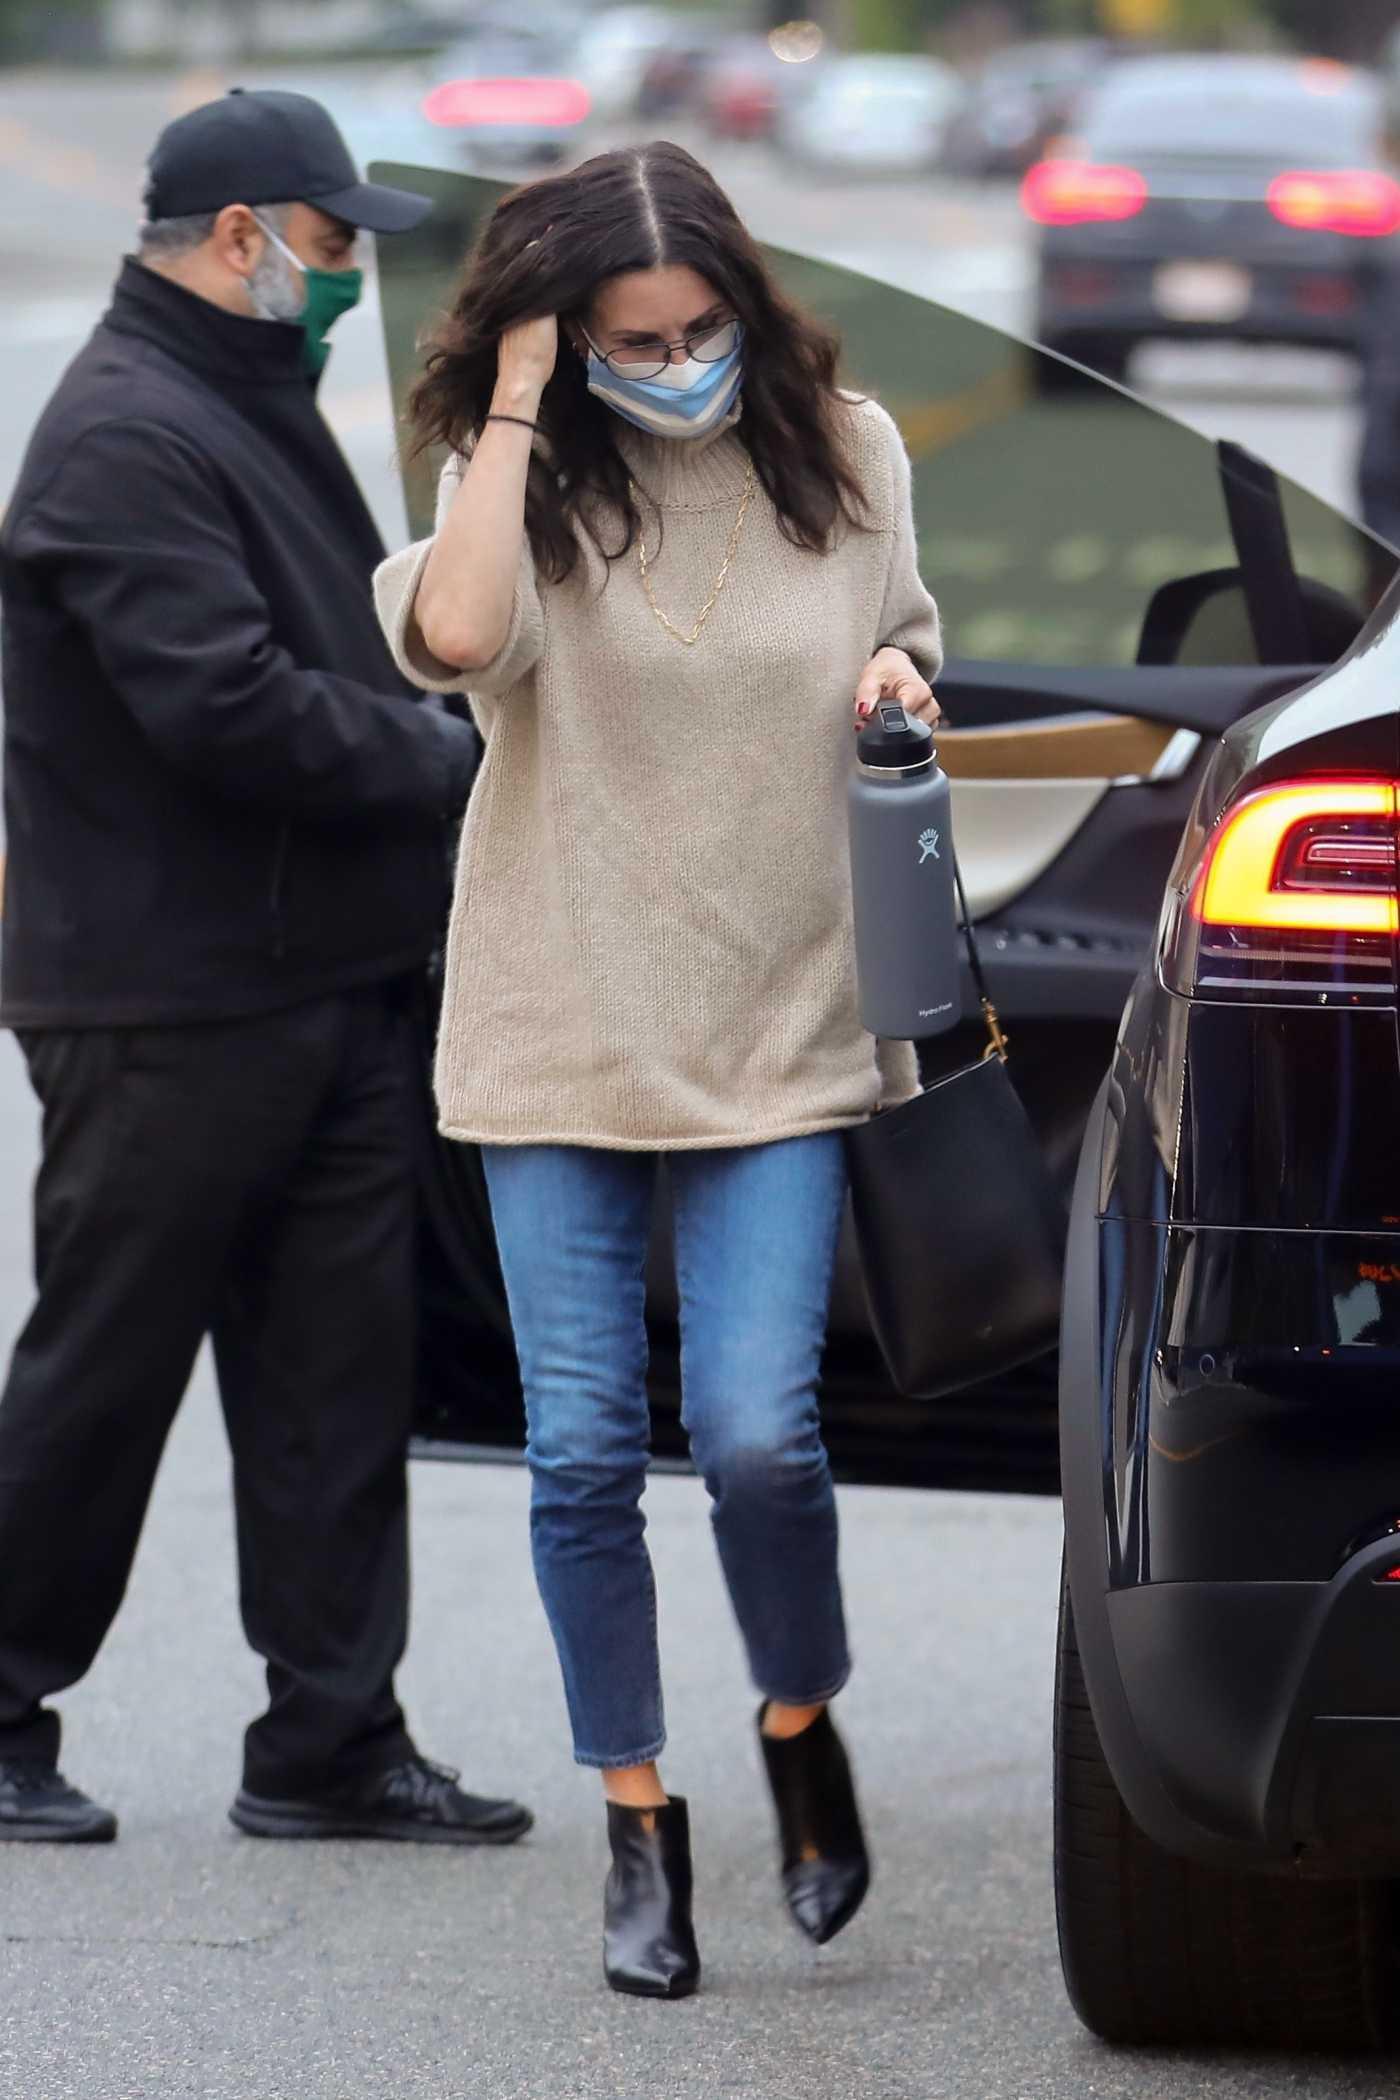 Courteney Cox in a Knit Cream Sweater Arrives at Giorgio Baldi Restaurant in Santa Monica 06/24/2020